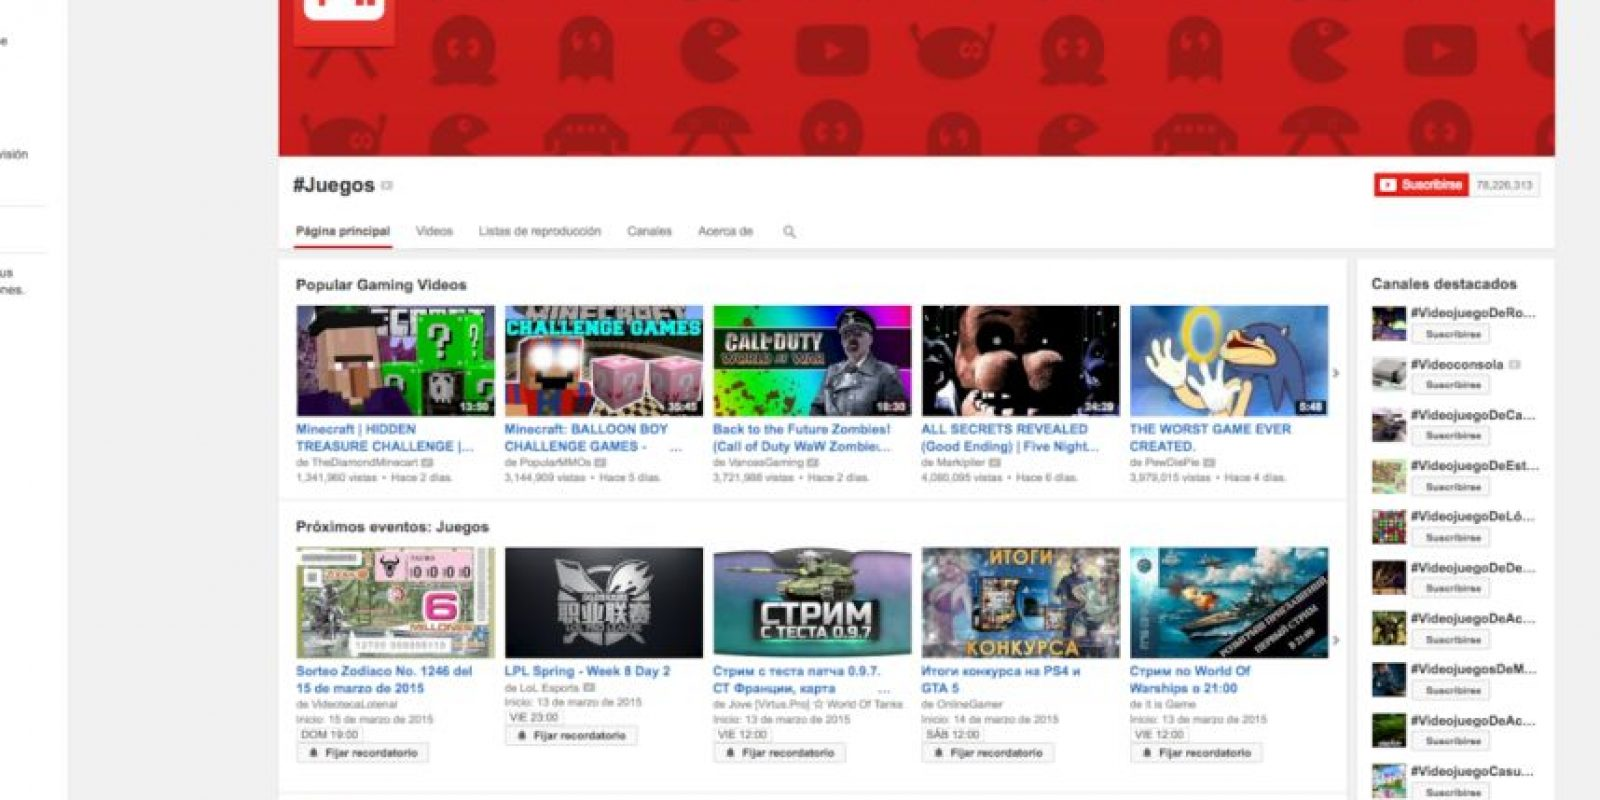 Así se ve YouTube juegos. Foto:Vía YouTube